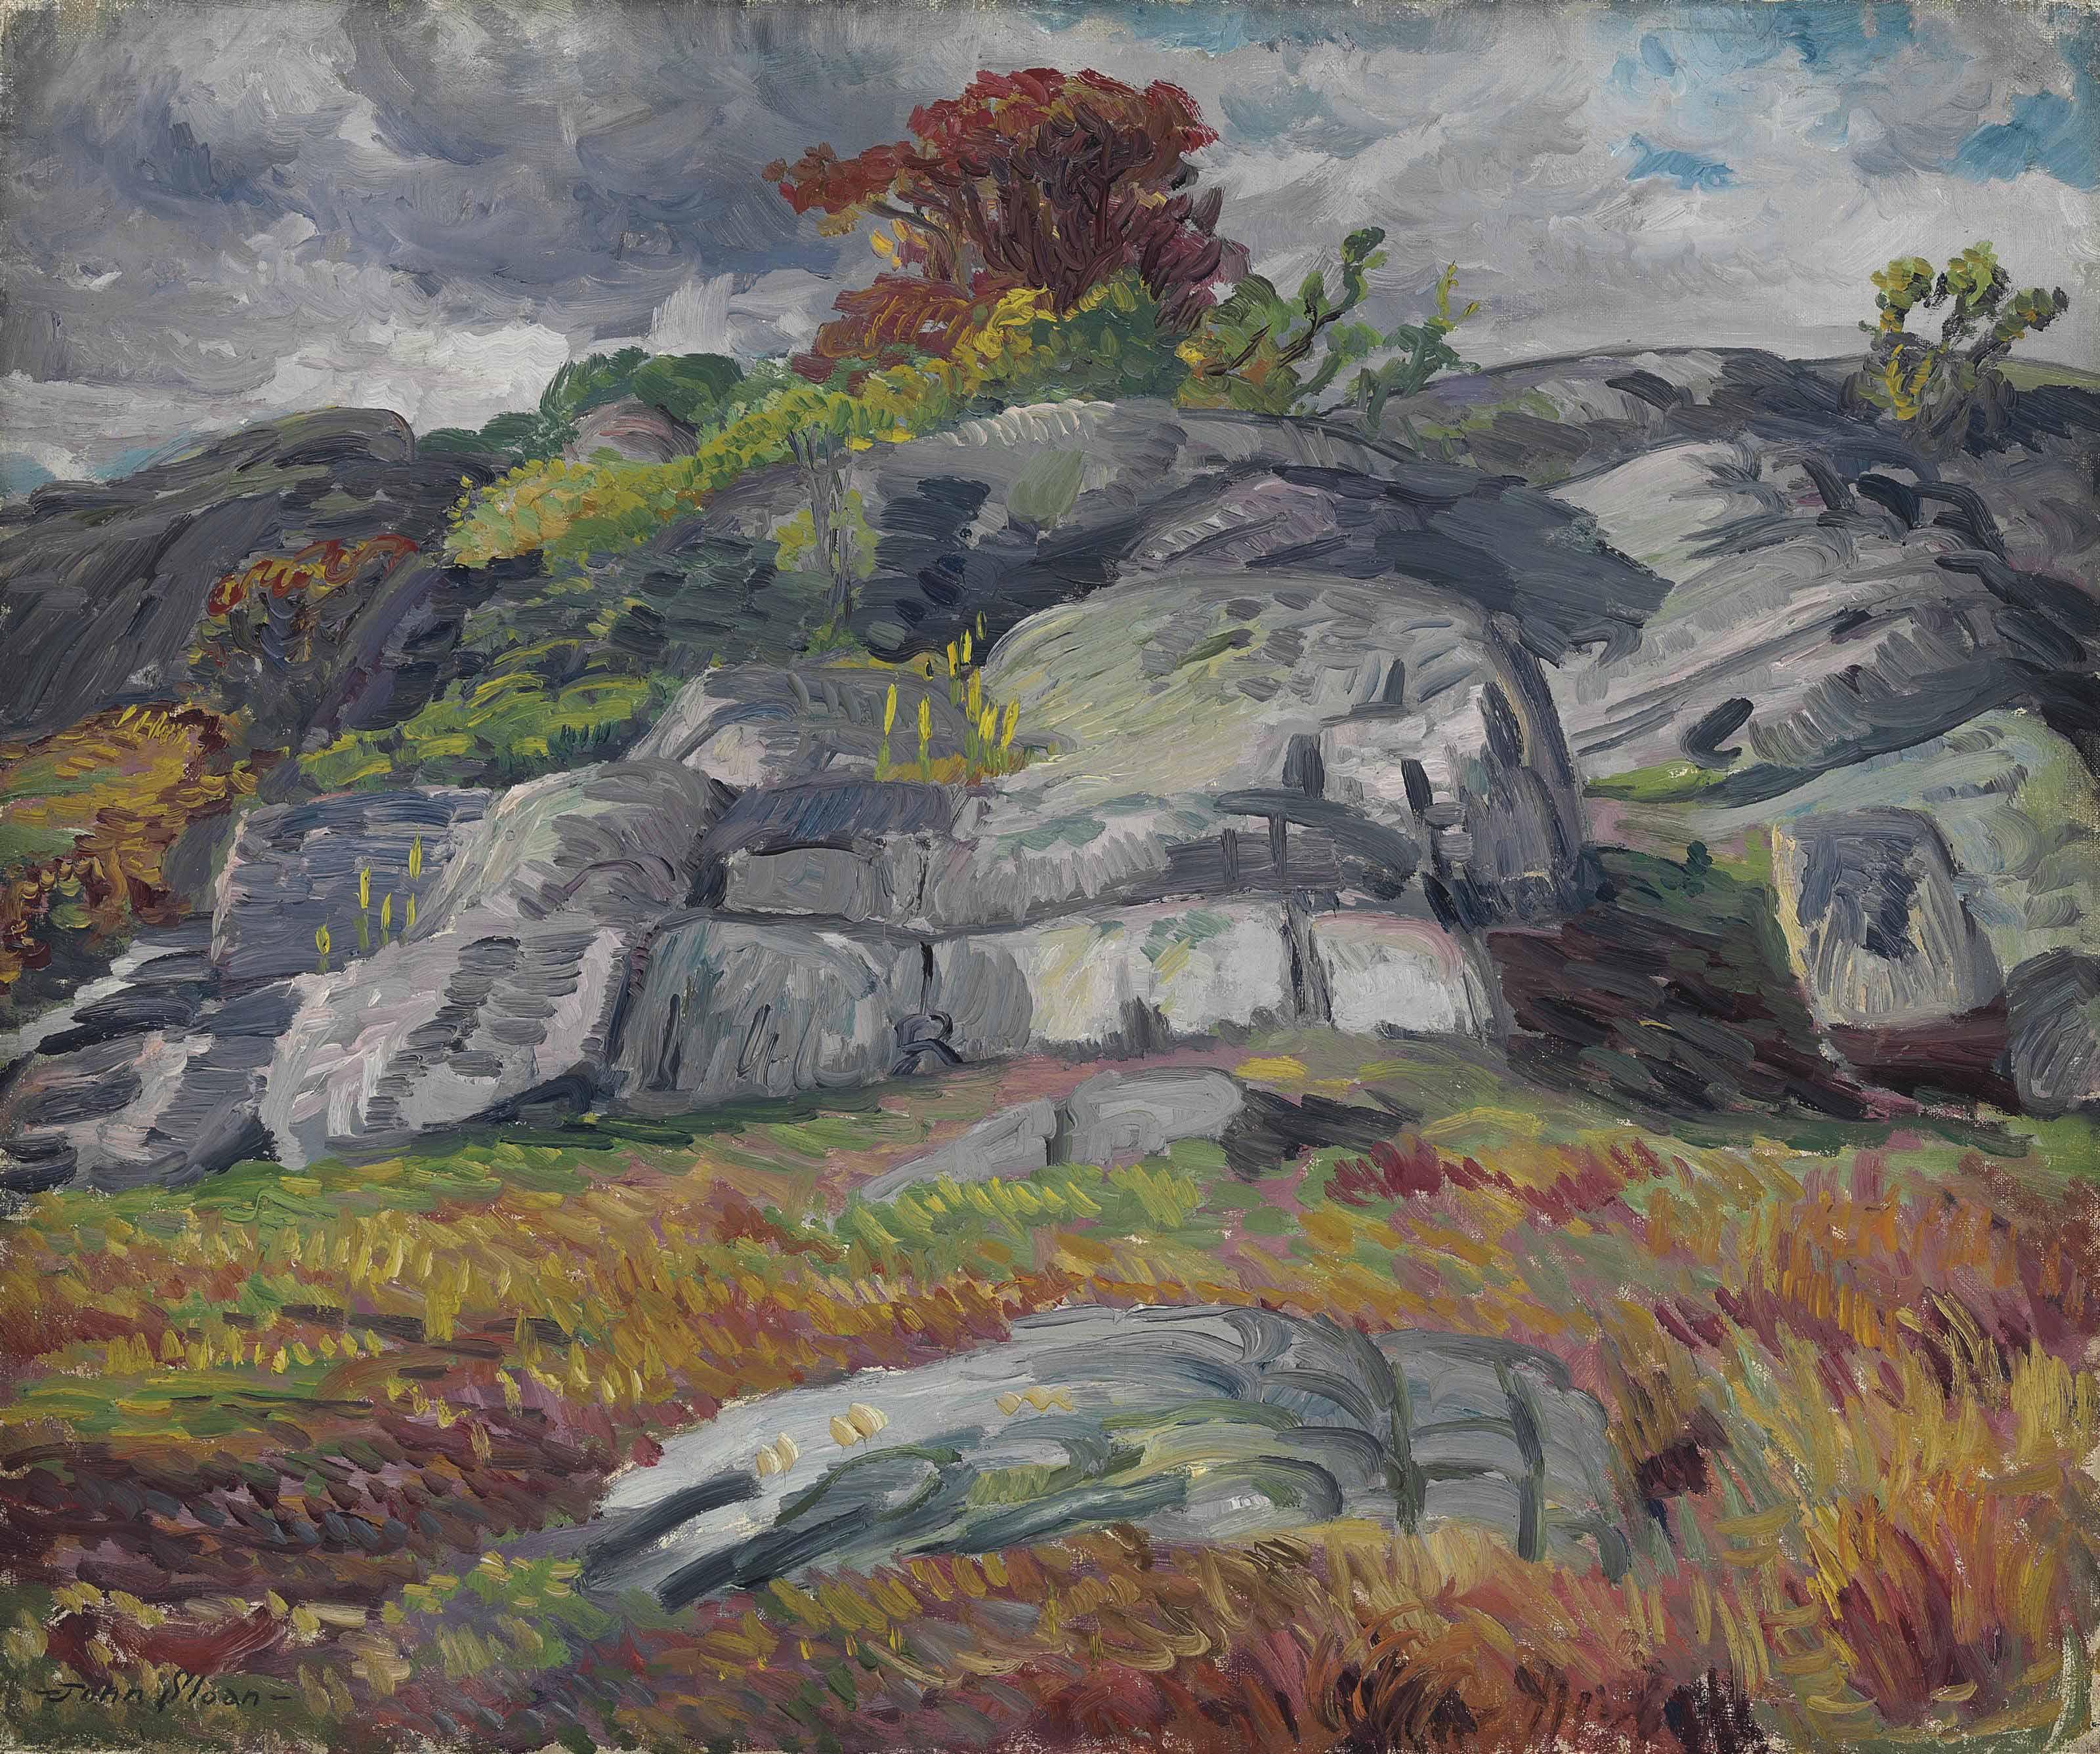 Scavenger's Rocks